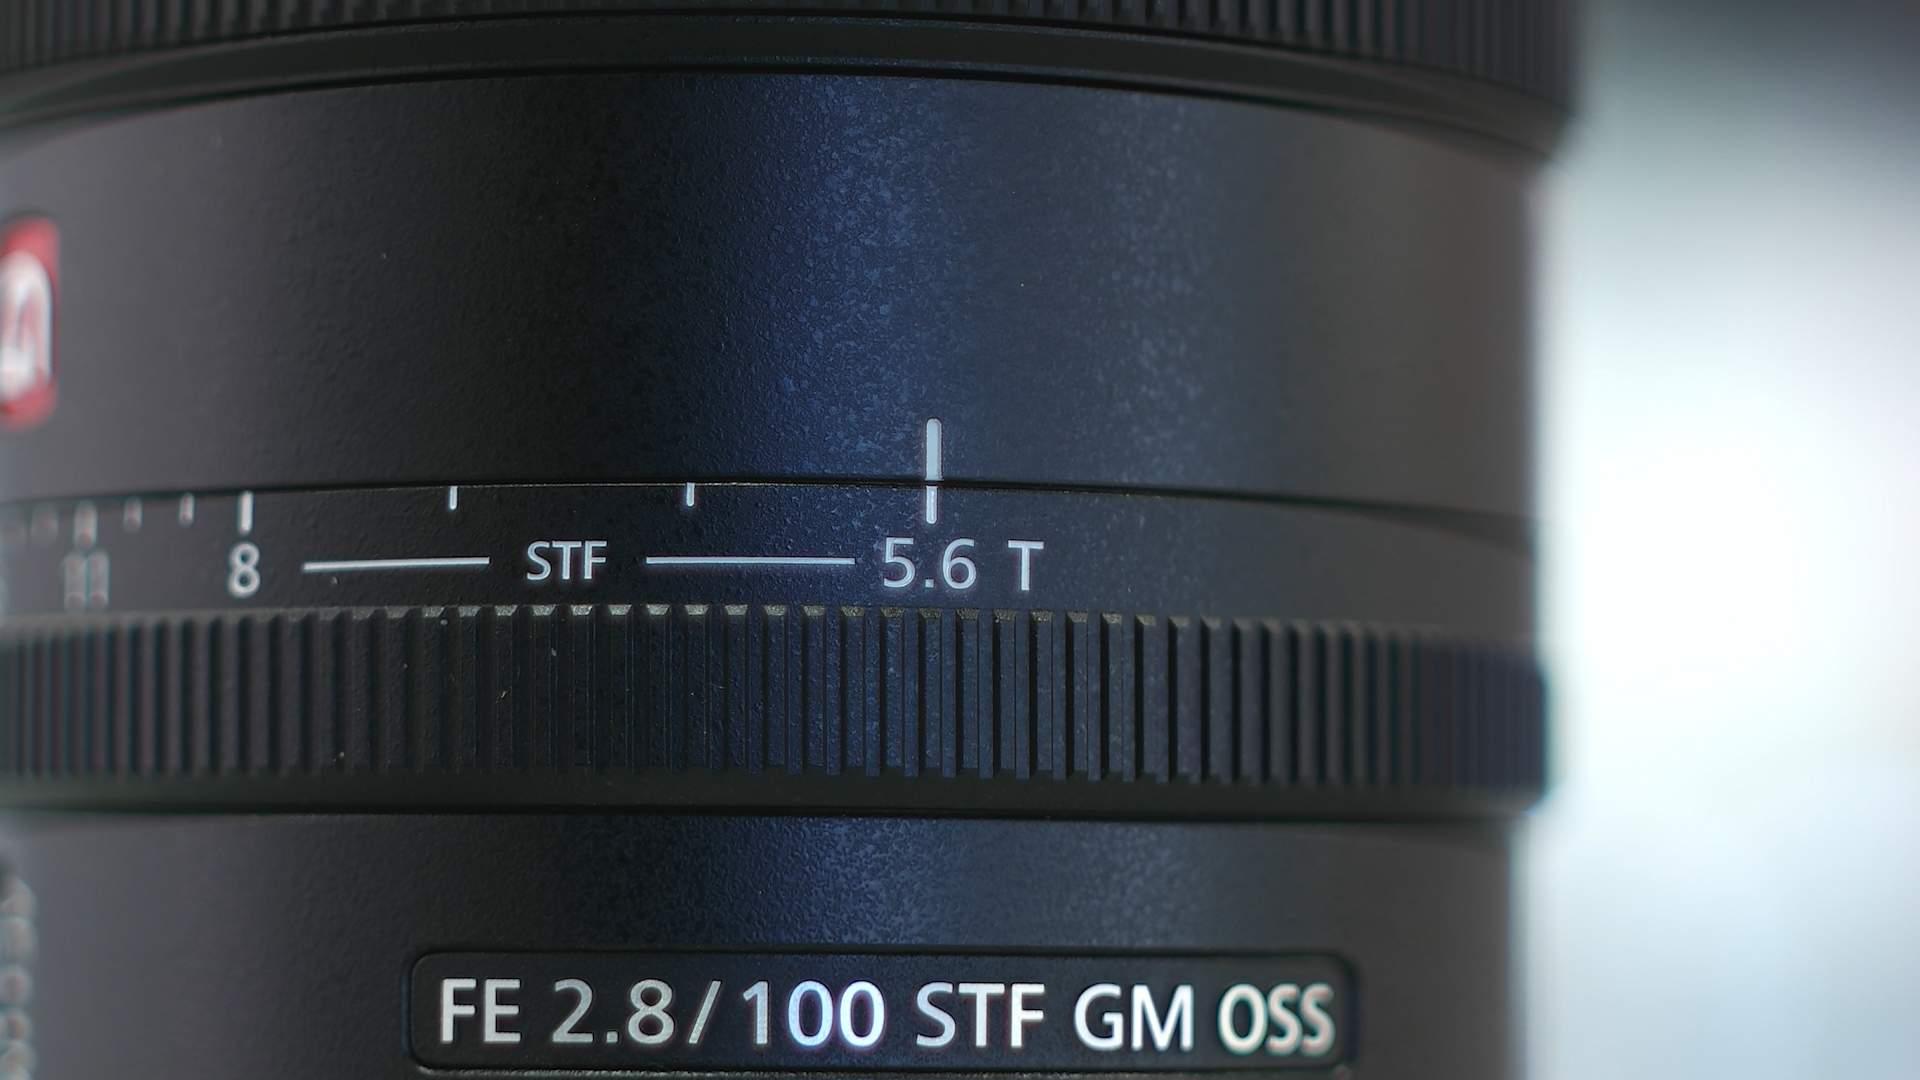 Dettaglio apertura massima Sony 100mm f/2.8 STF G Master